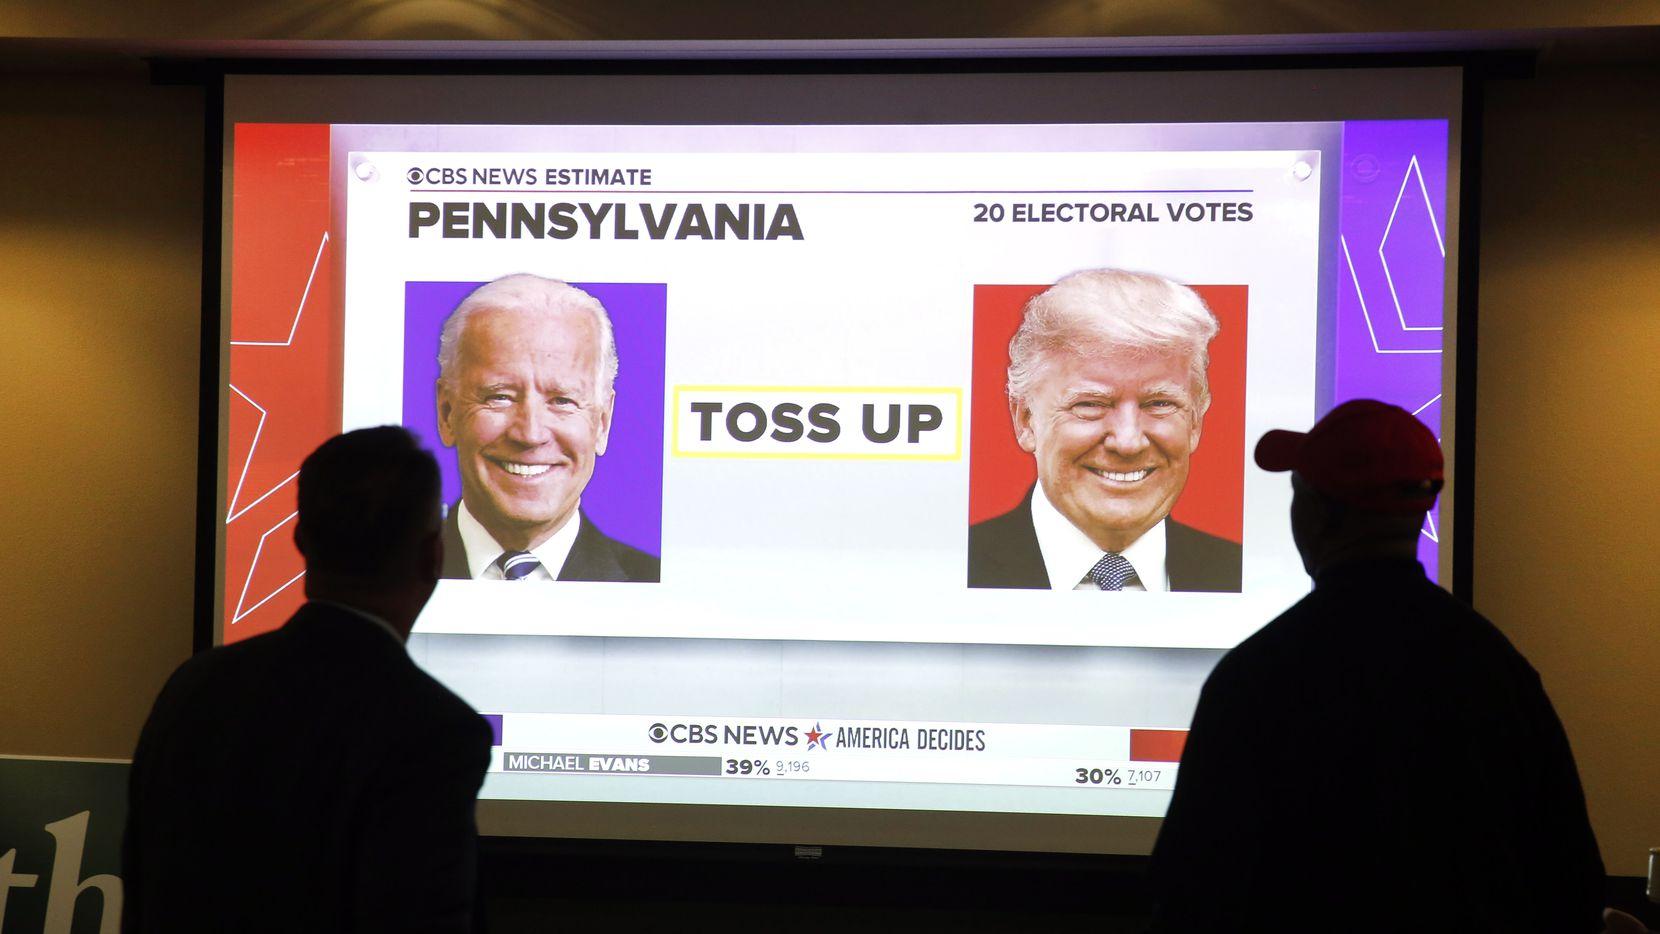 Seguidores del presidente Donald Trump miran el monitor de una televisión para conocer los resultados en una fiesta convocada por republicanos el martes 3 de noviembre de 2020 en el Hurst Conference Center en Hurst, Texas.